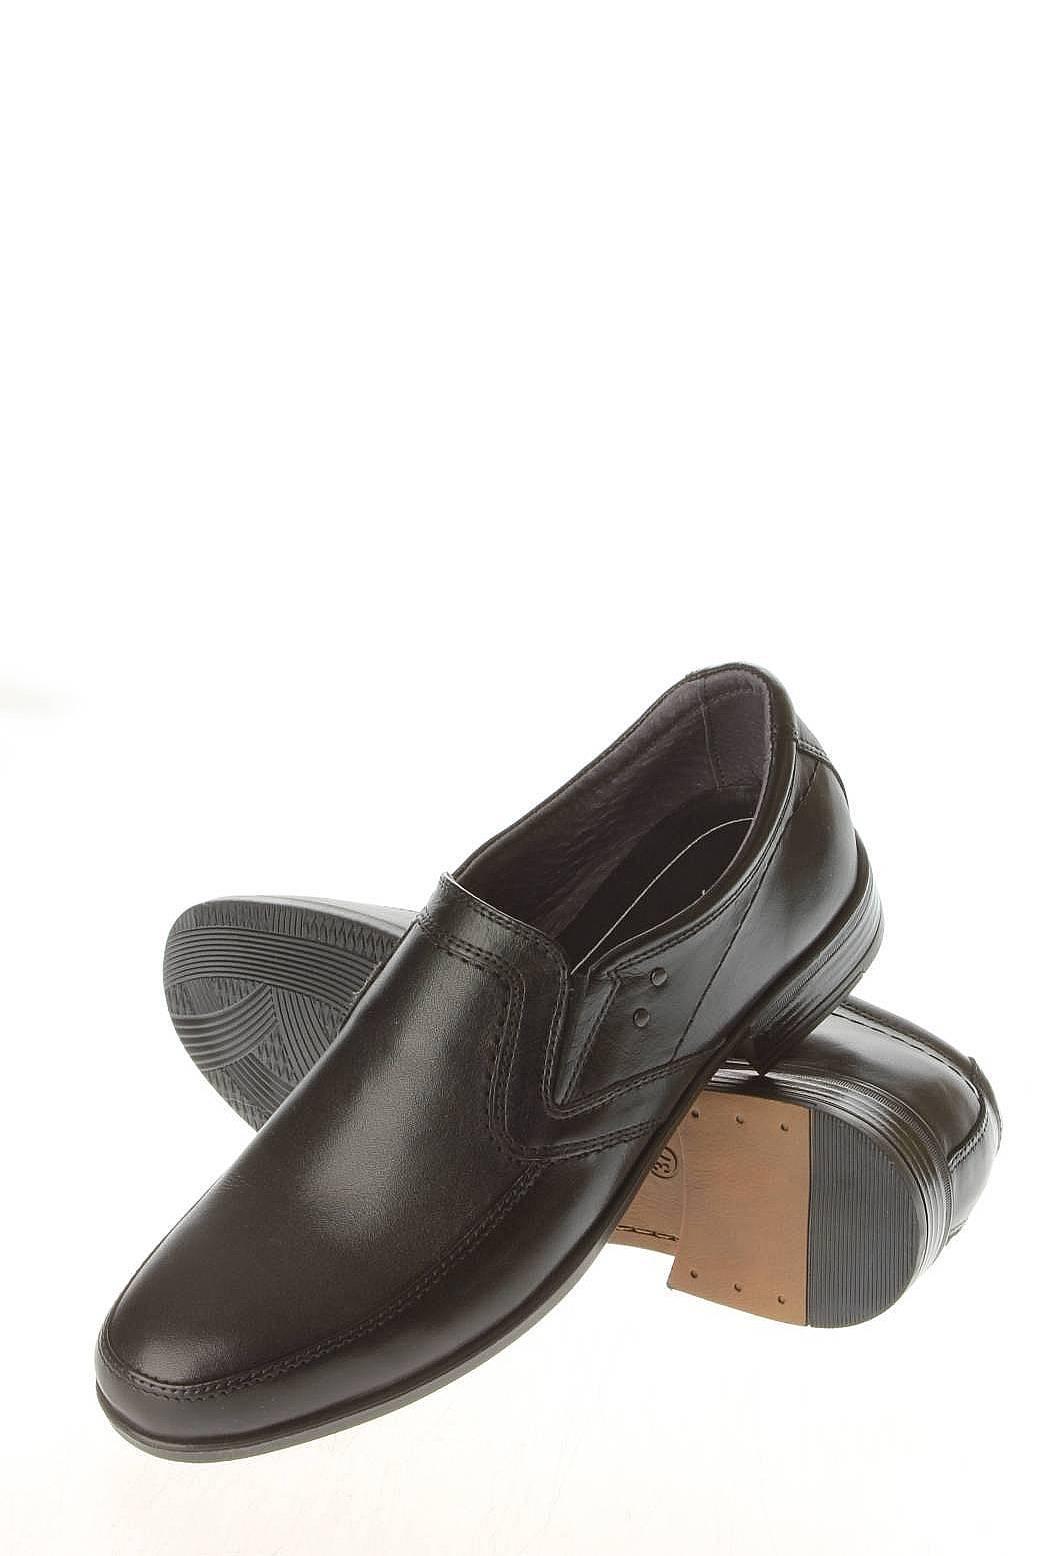 Мужская Обувь Детская Обувь Туфли: Nine Lines Обувь